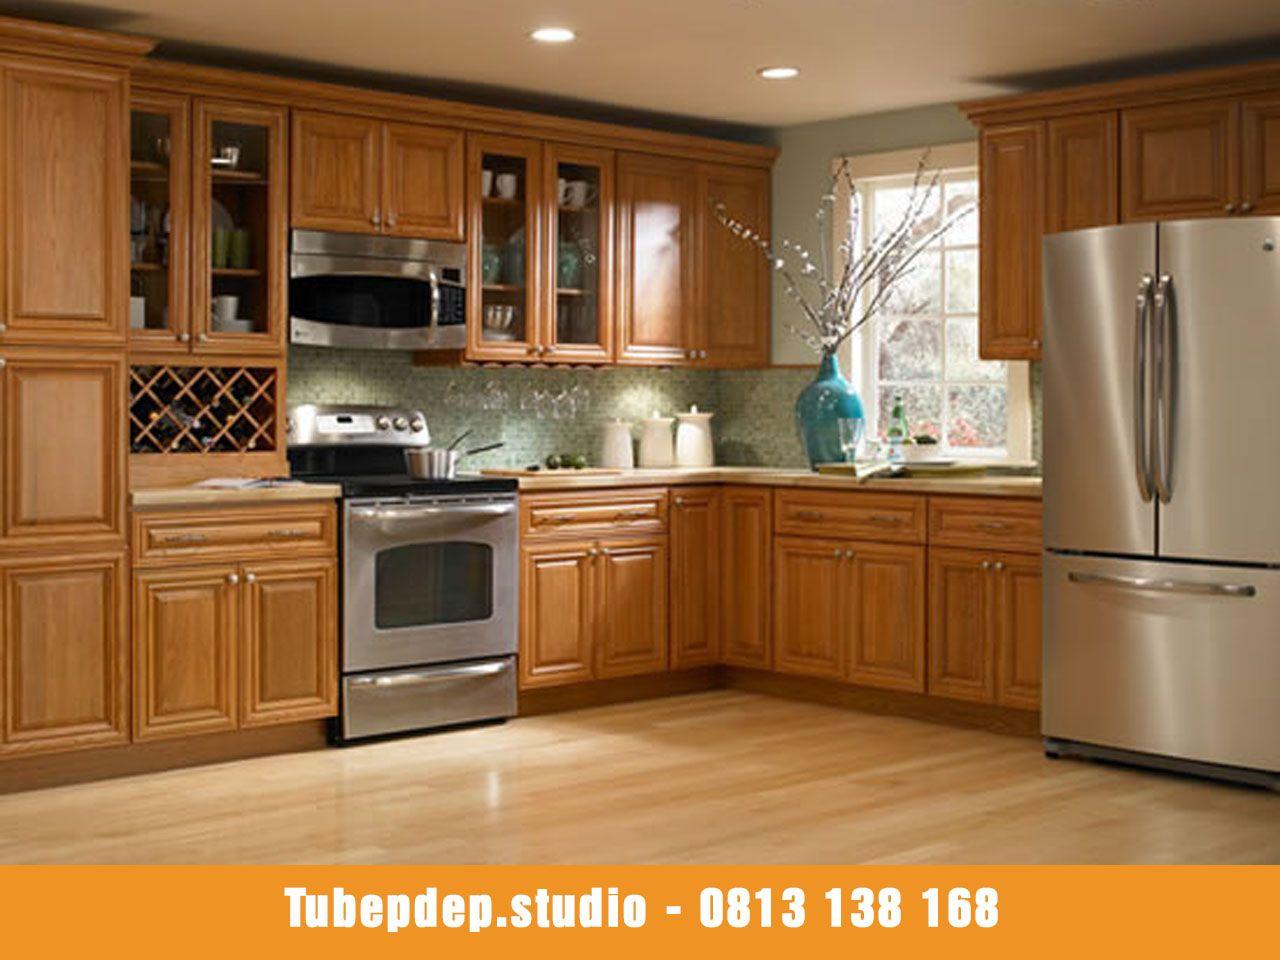 Chọn màu tủ bếp mang nhiều tài lộc vượng khí cho gia đình